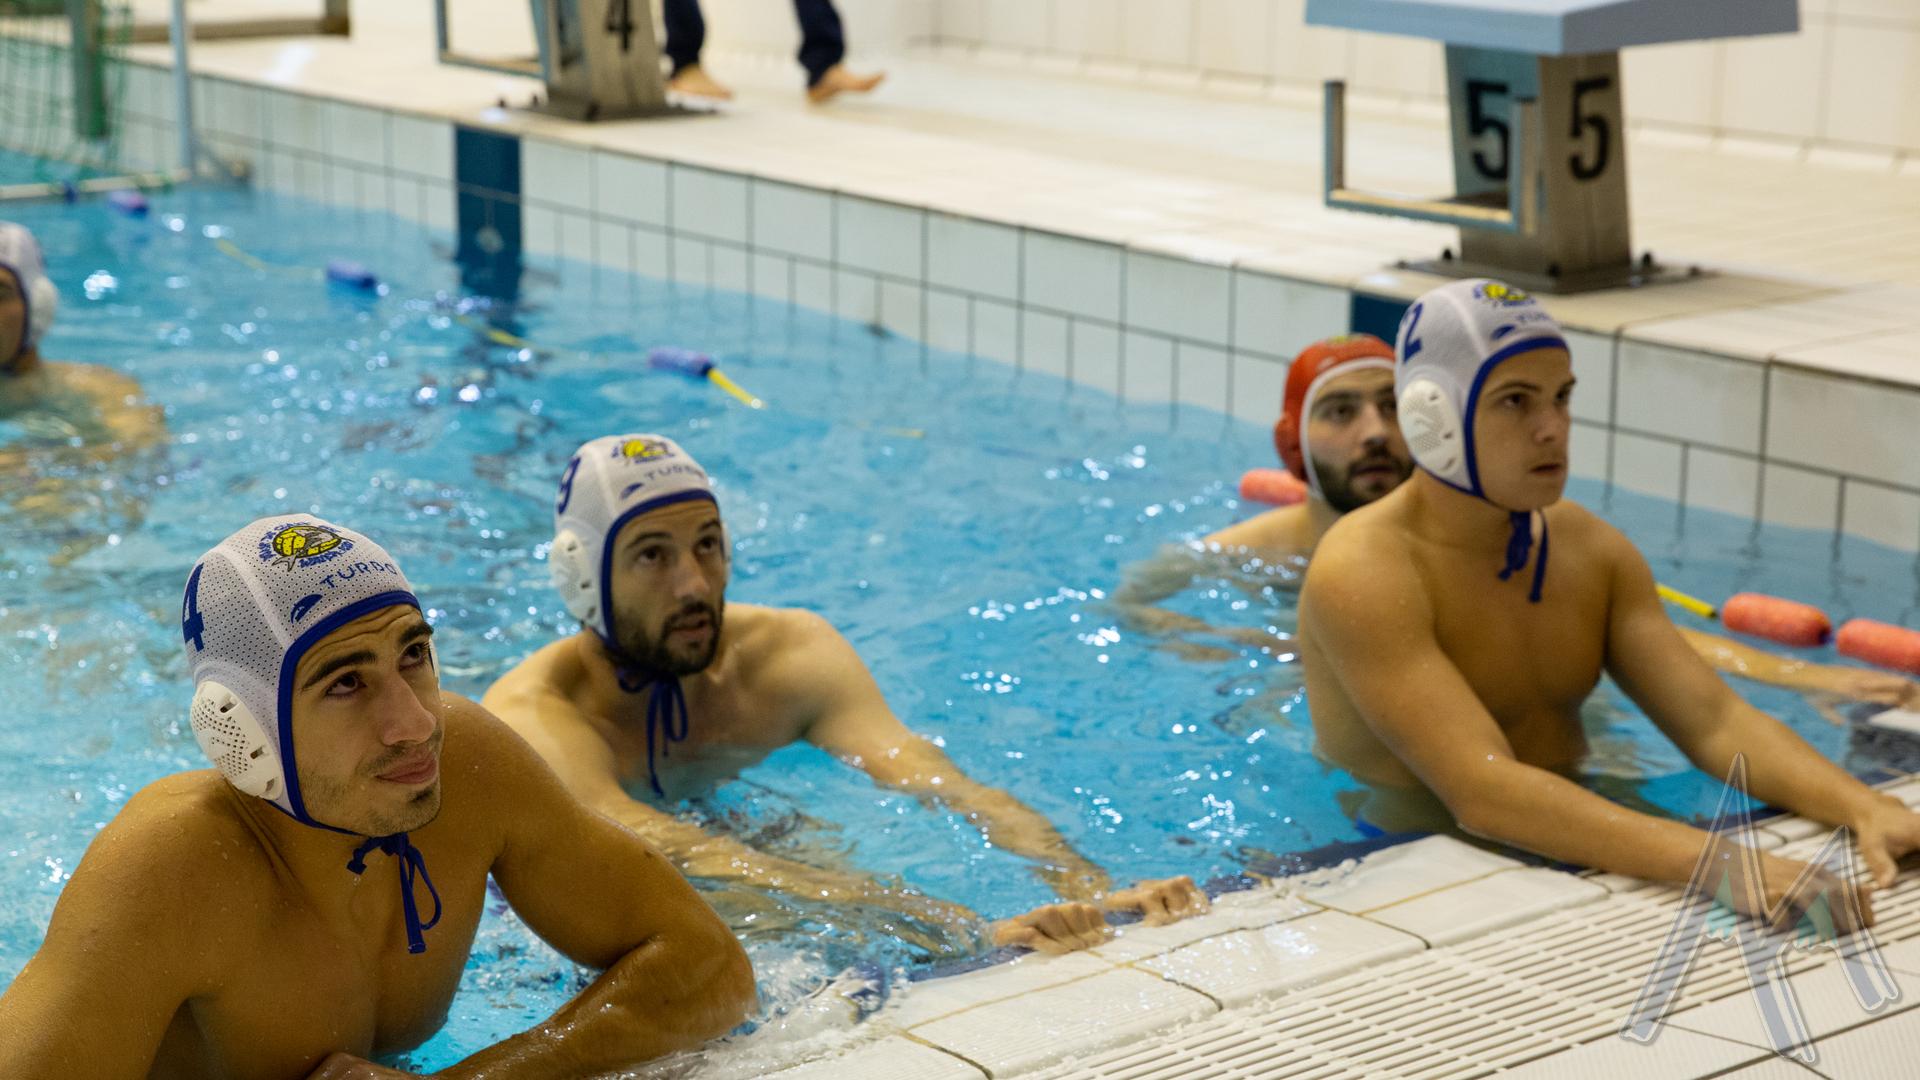 Water-Polo : le Pont-de-Claix GUC défait à Harnes - Metro-Sports - Métro-Sports